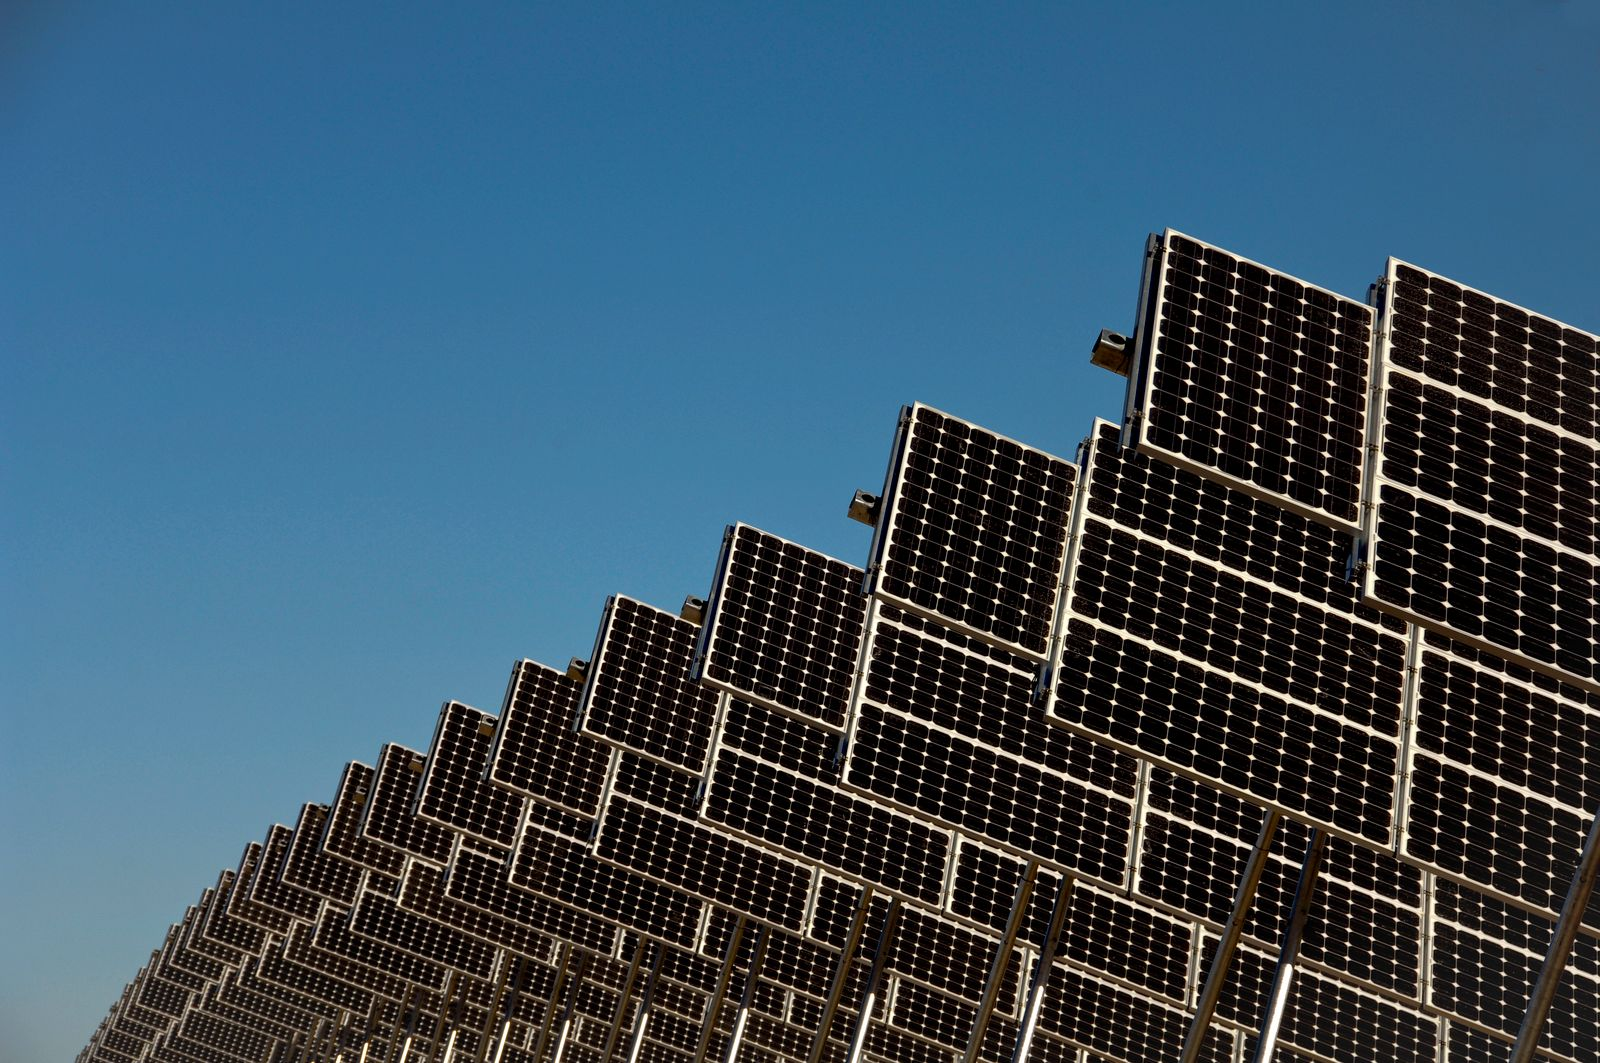 NICHT MEHR VERWENDEN! - Solar panels in a row